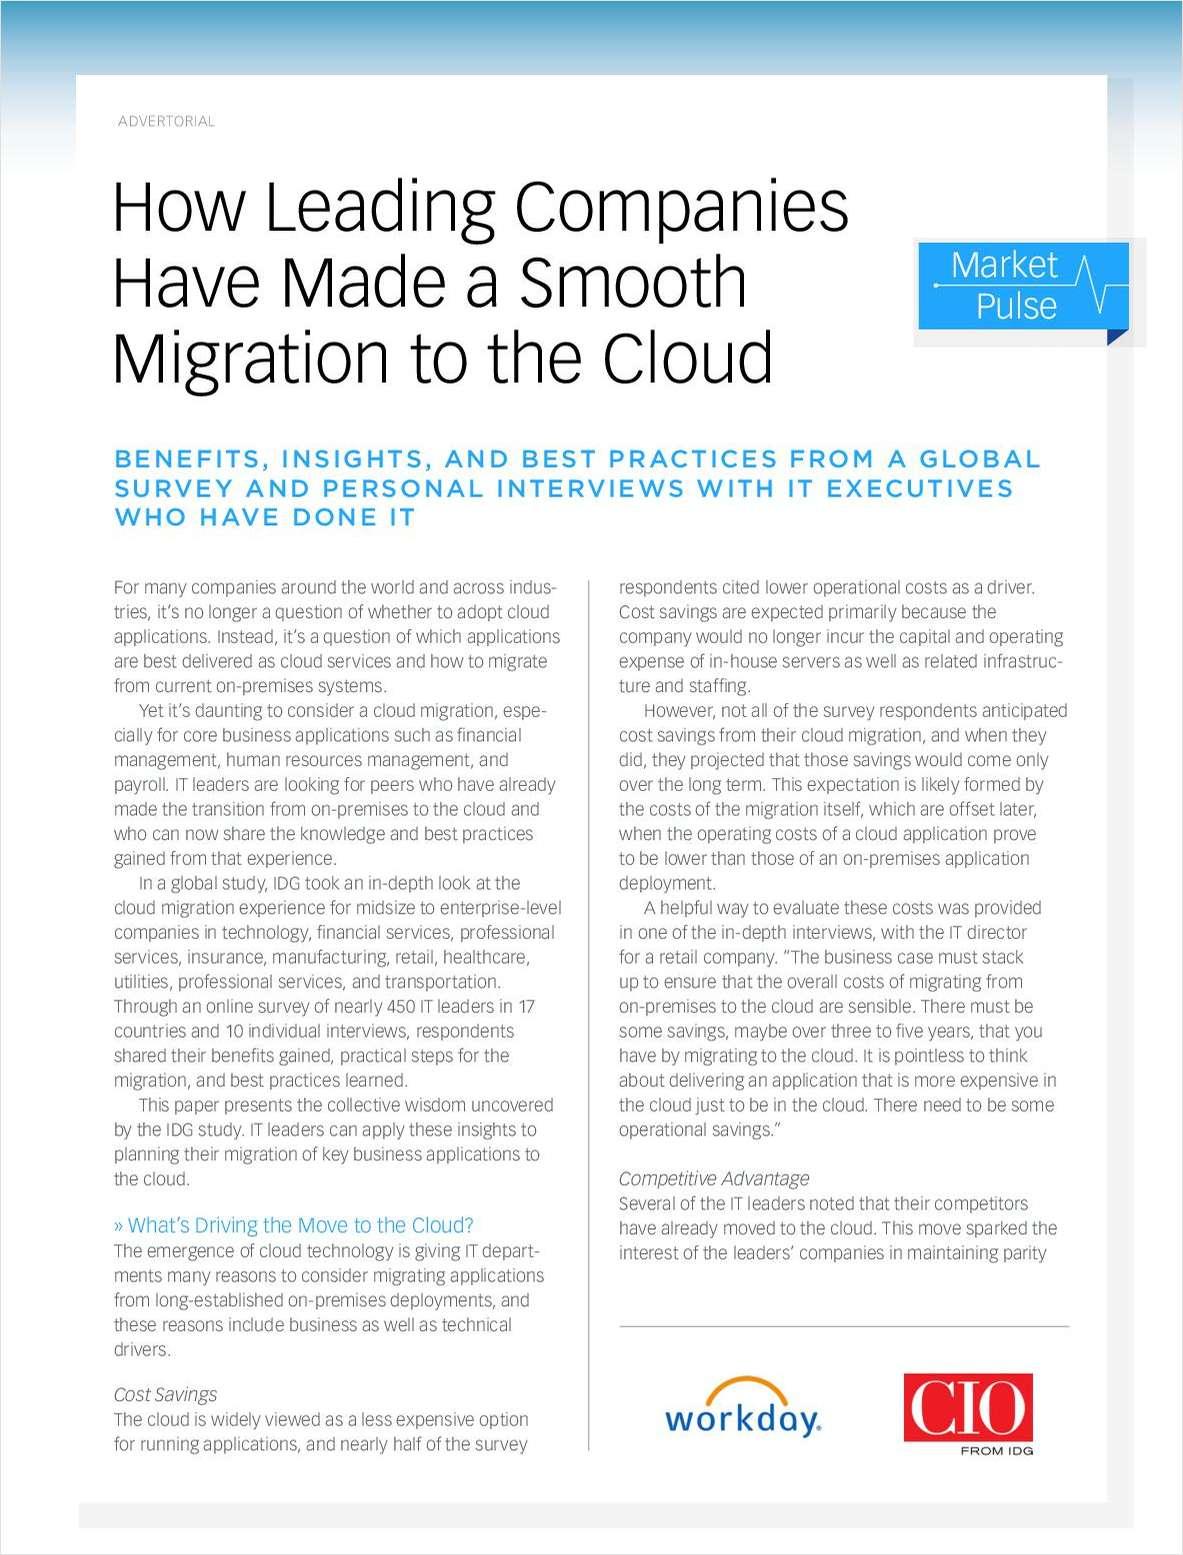 La exitosa migración de empresas líderes a la tecnología cloud